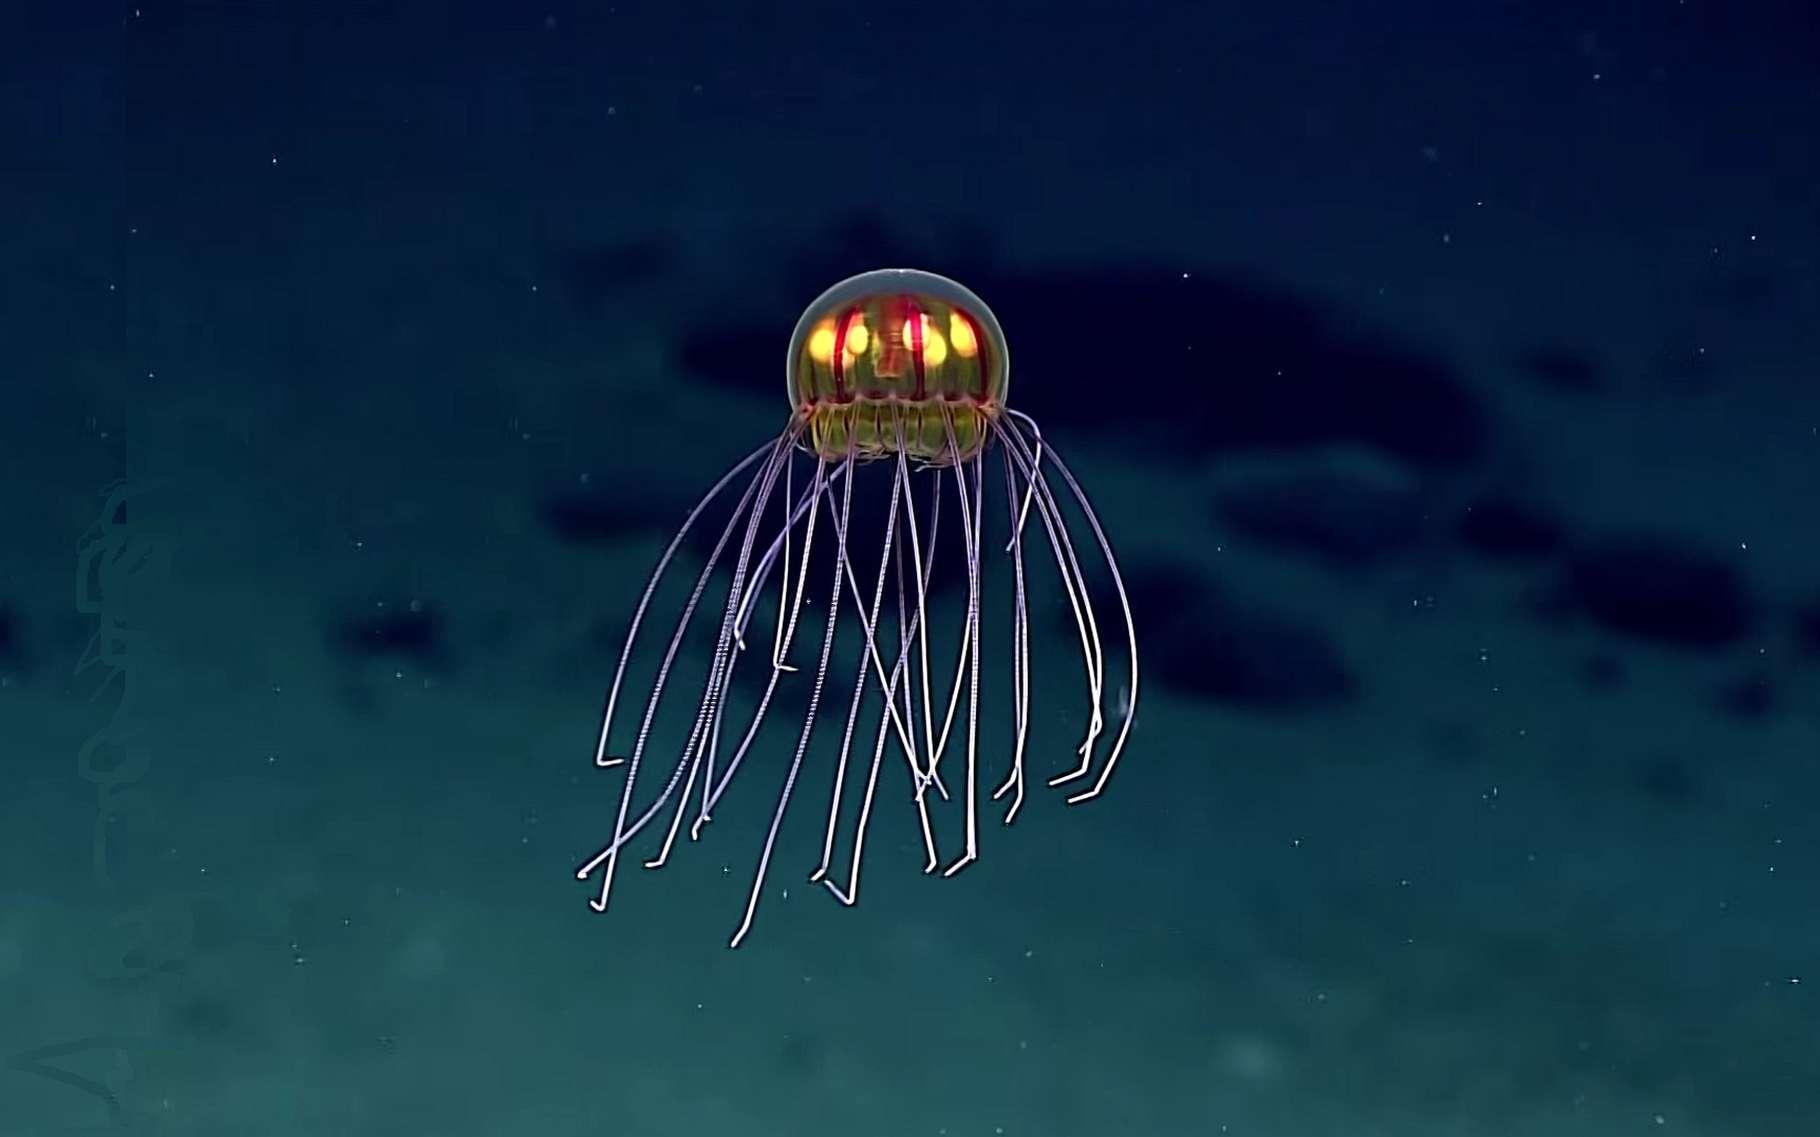 Une magnifique méduse surprise par près de 4.000 m de fond grâce à un engin télécommandé depuis un navire. Ses organes émettent de la lumière et elle est probablement en train de chasser. © NOAA Office of Ocean Exploration and Research, 2016 Deepwater Exploration of the Marianas, YouTube